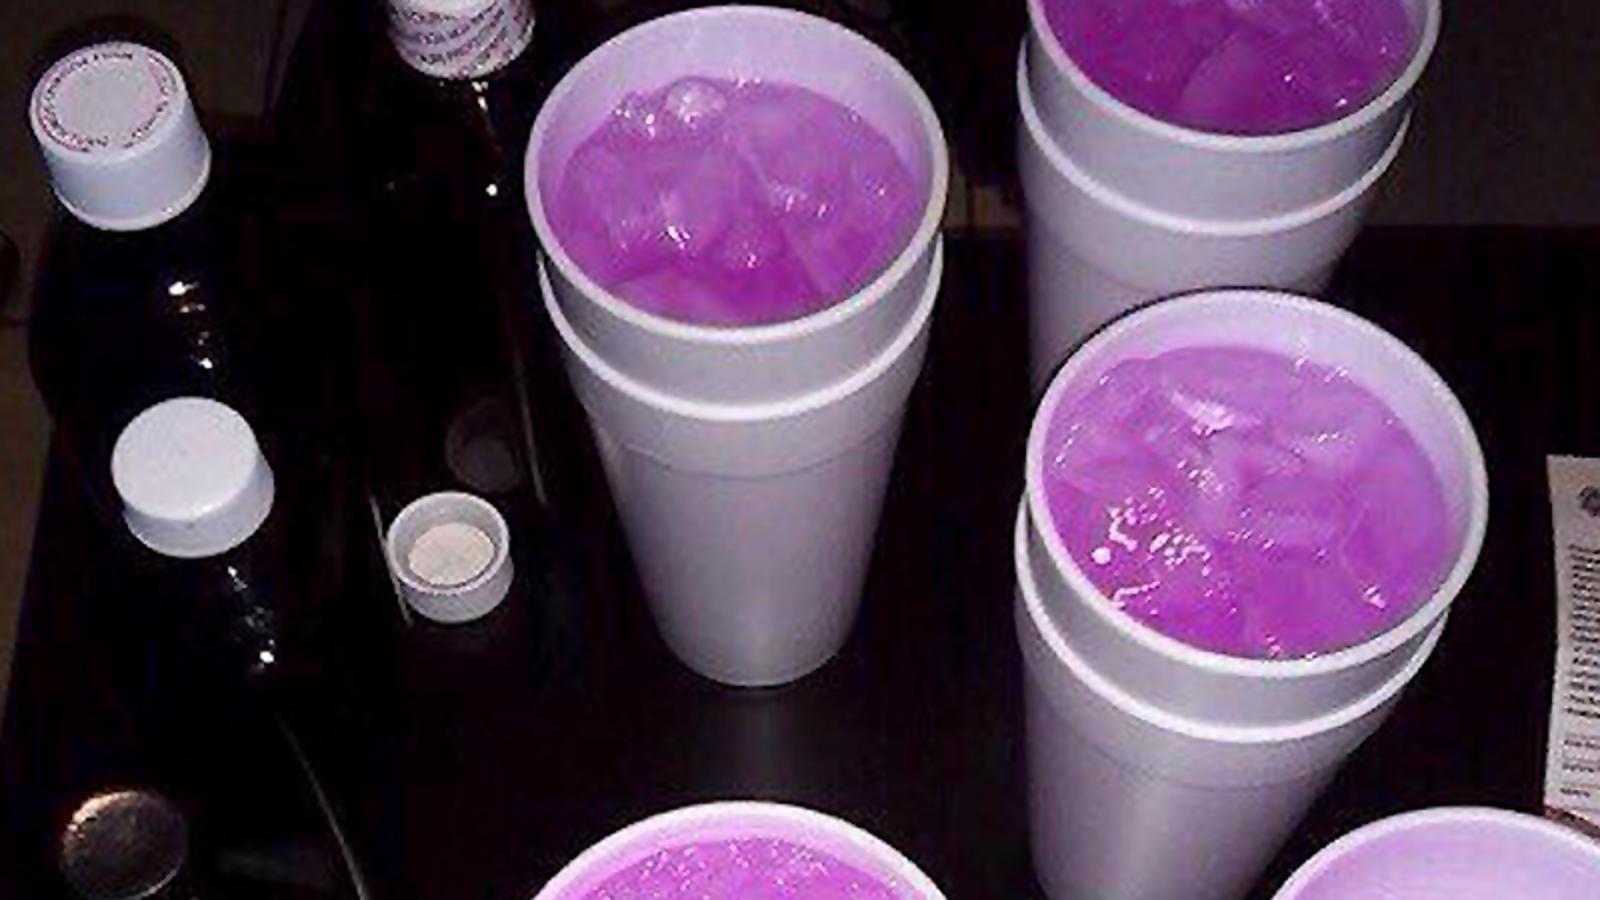 Qué es el Purple Drank, la droga casera de moda en México que algunos confunden con una bebida de Los Simpson